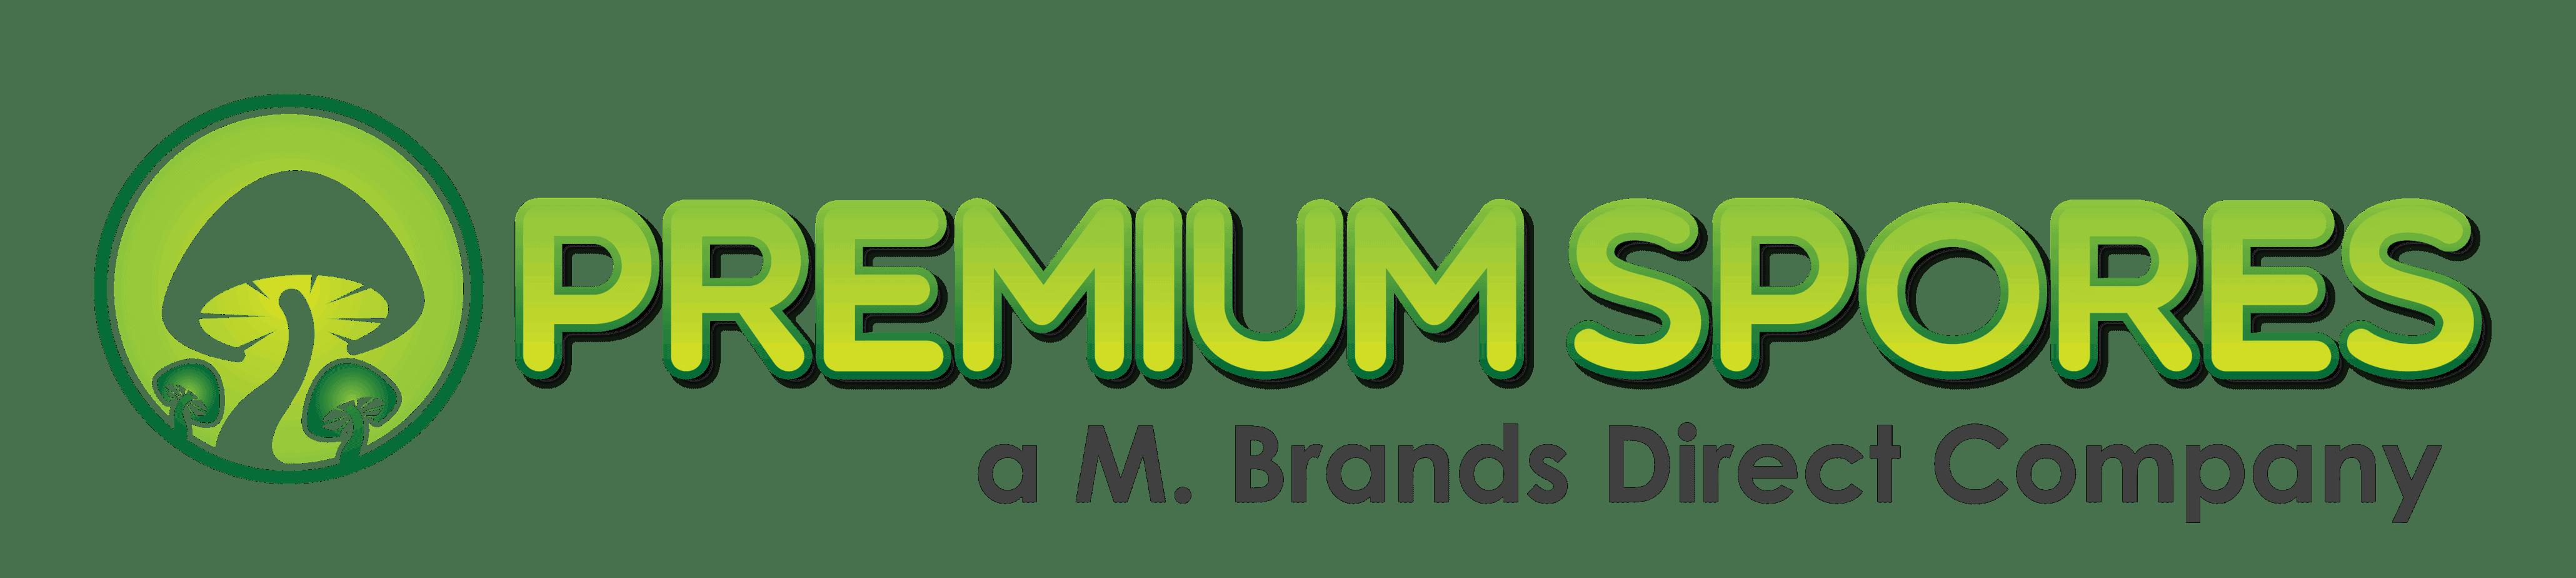 Premium Spores